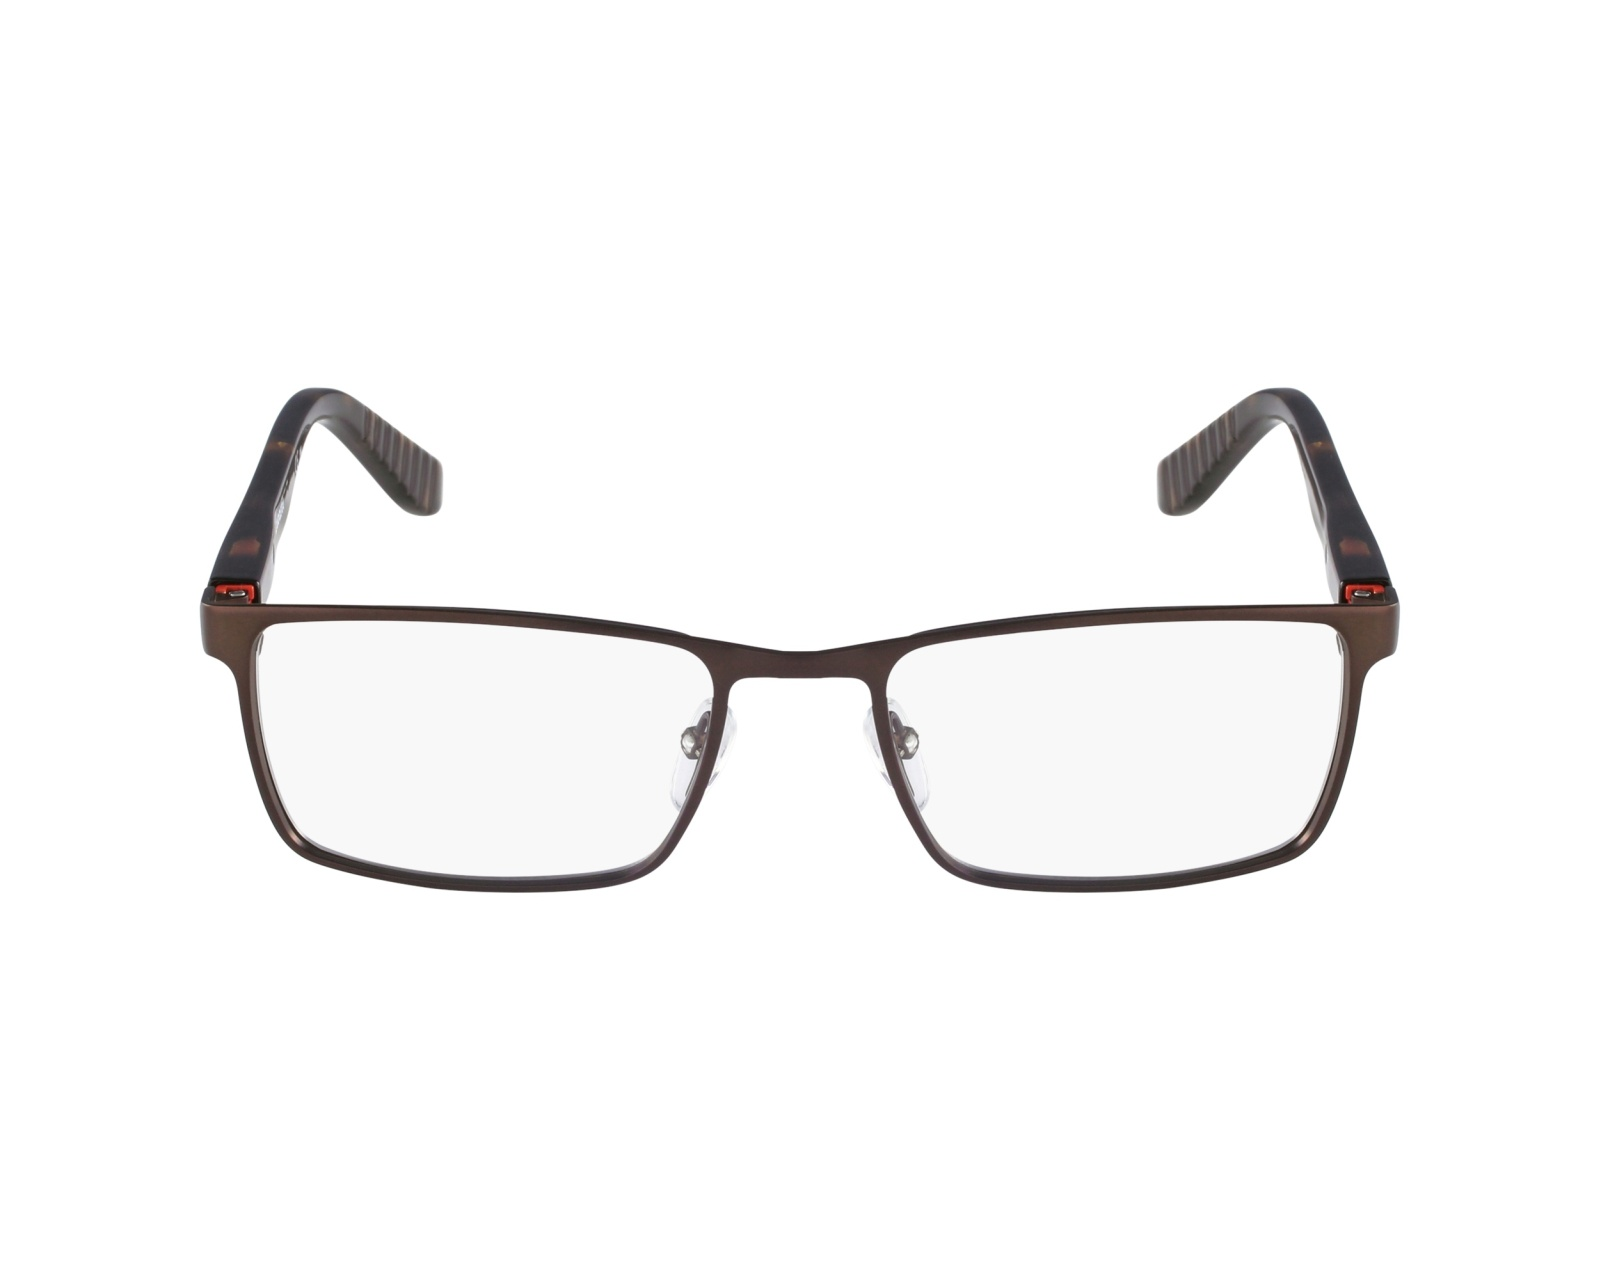 Buy Carrera Eyeglasses CA-8809 0RH Online - Visionet